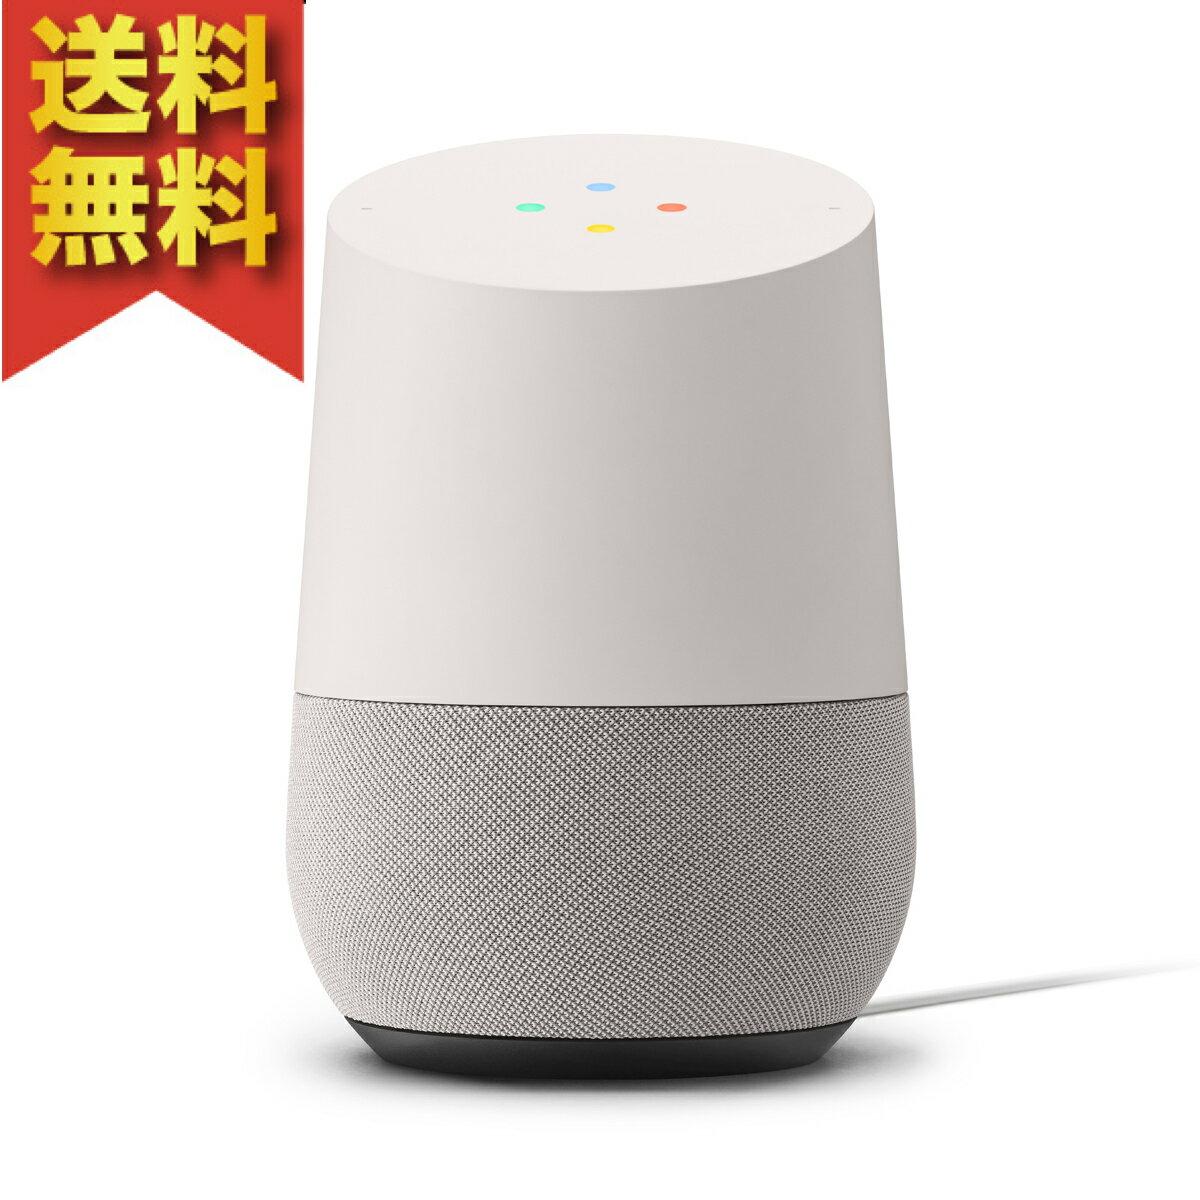 【新品】送料無料!Google(グーグル ホーム) GOOGLE HOME Bluetoothスピーカー 国内正規品